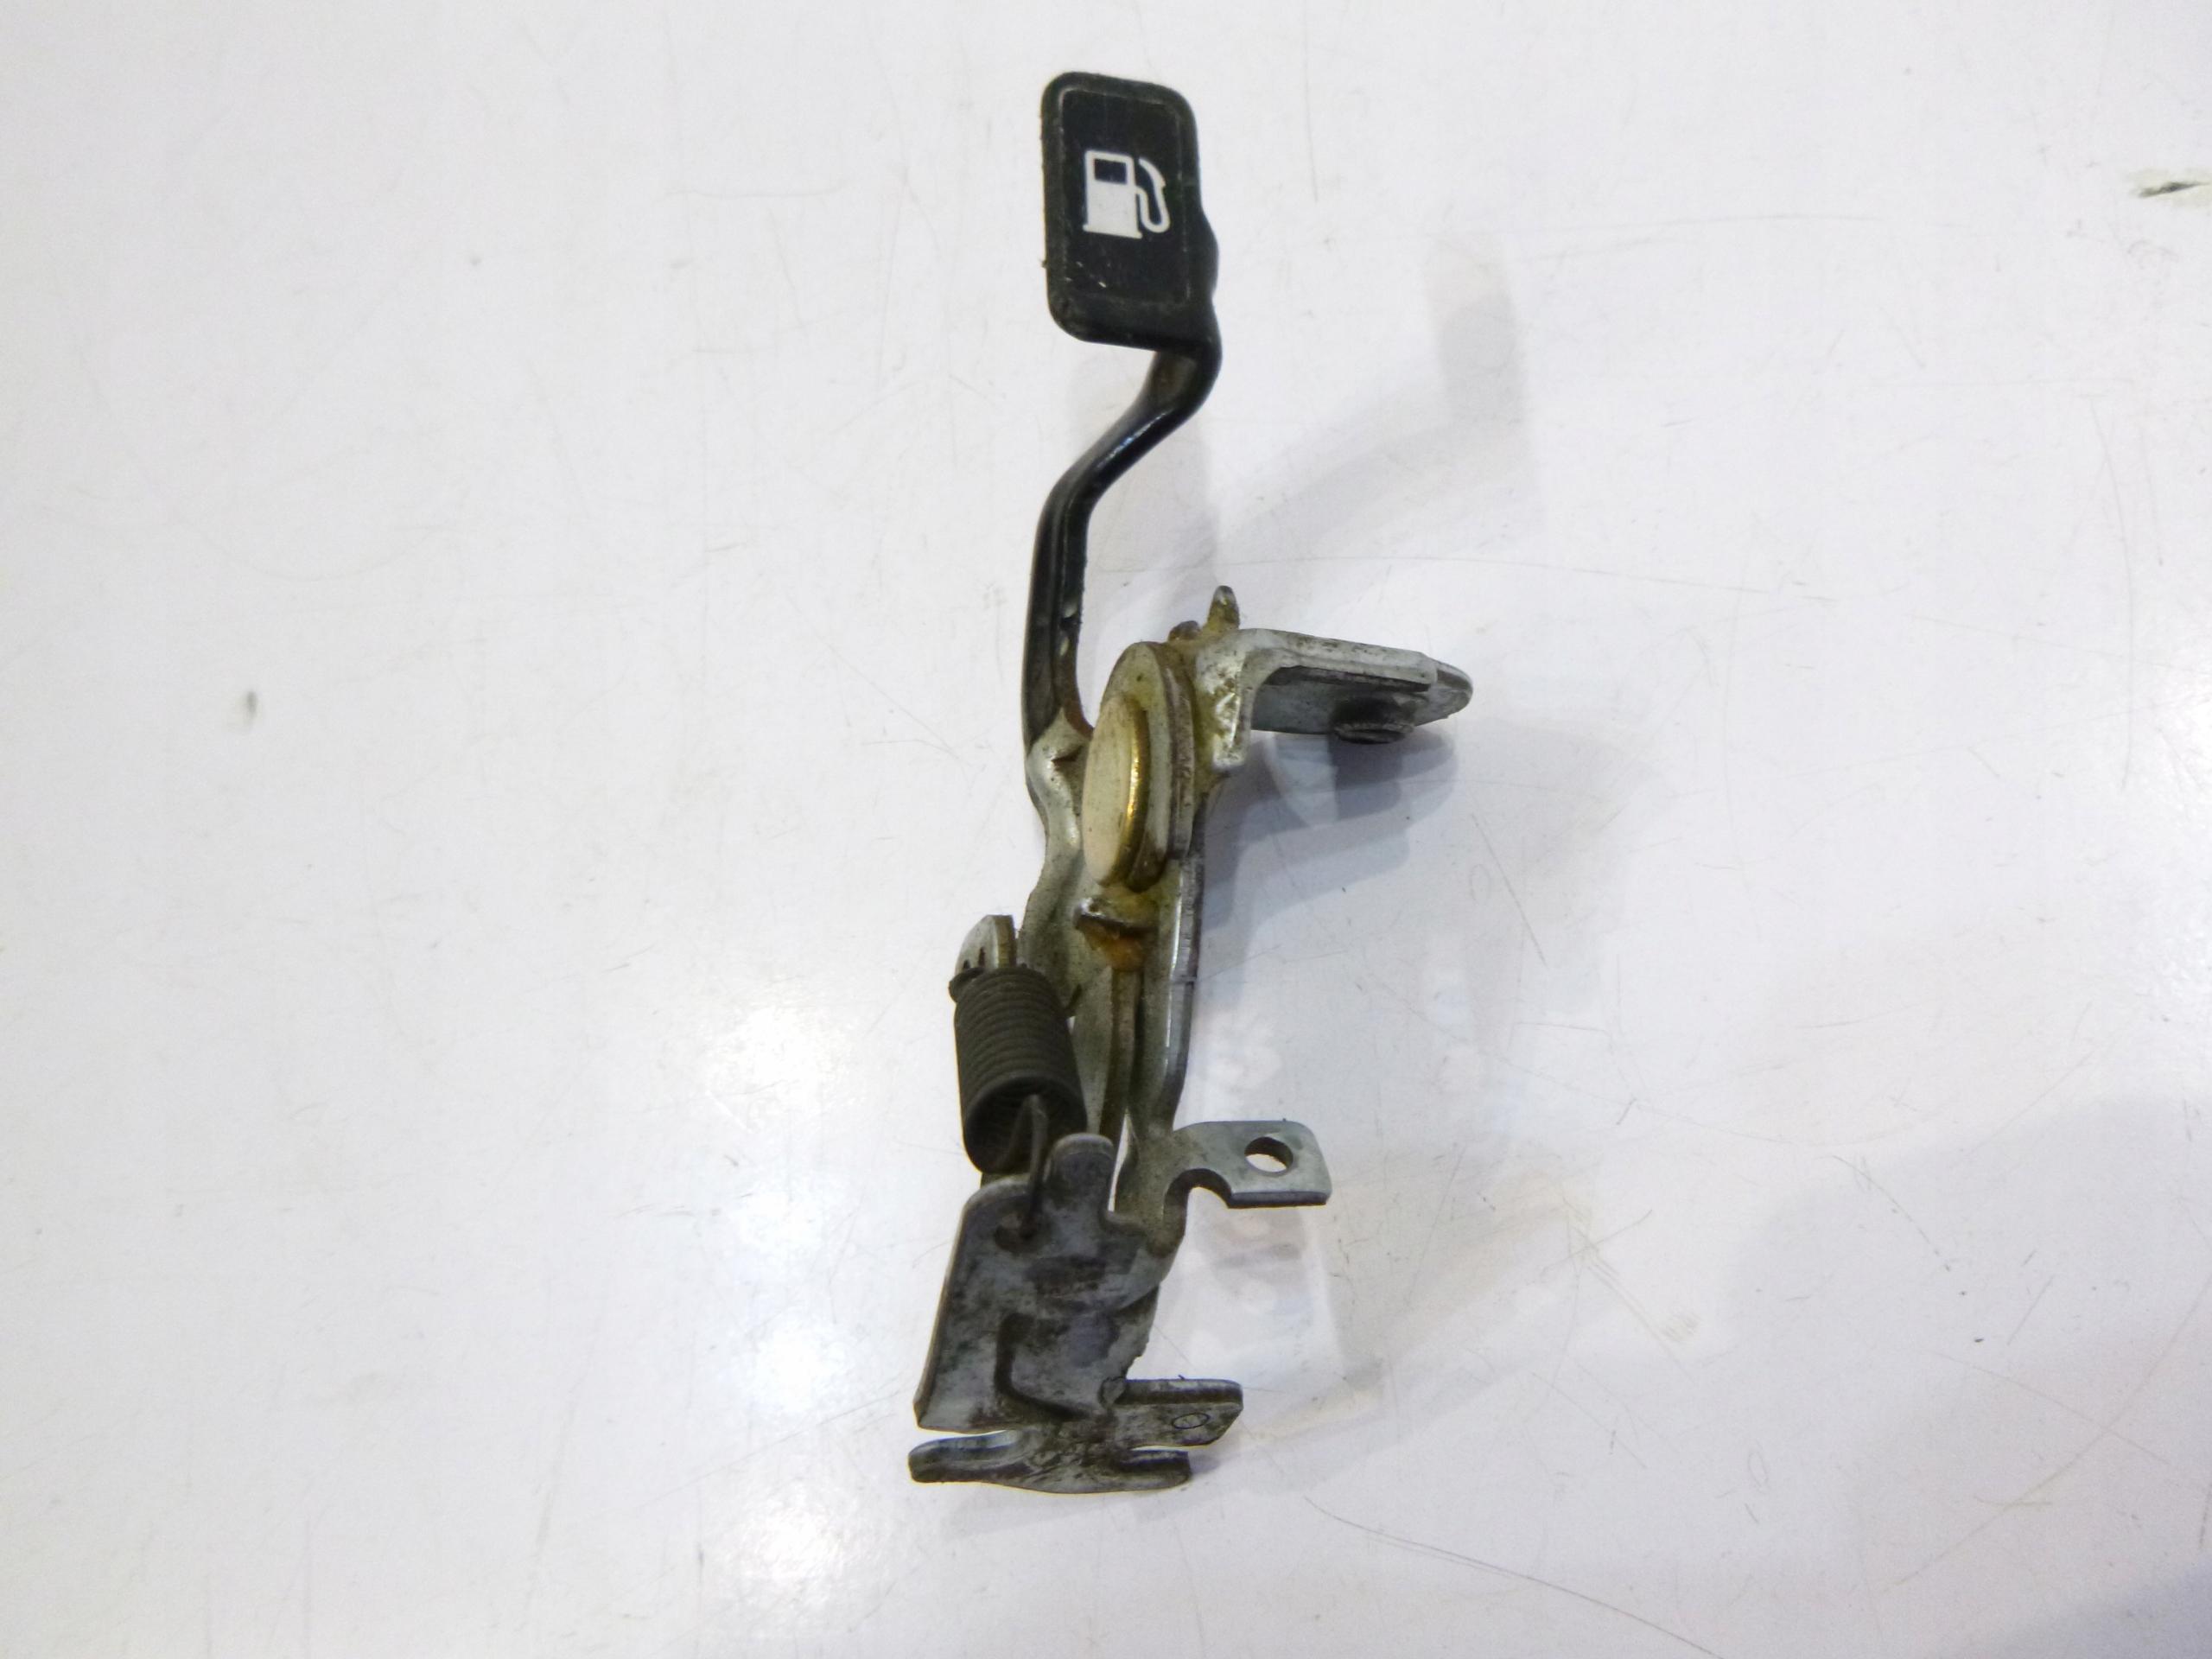 ручка гибкой тяги настой топлива toyota corolla e12 02-